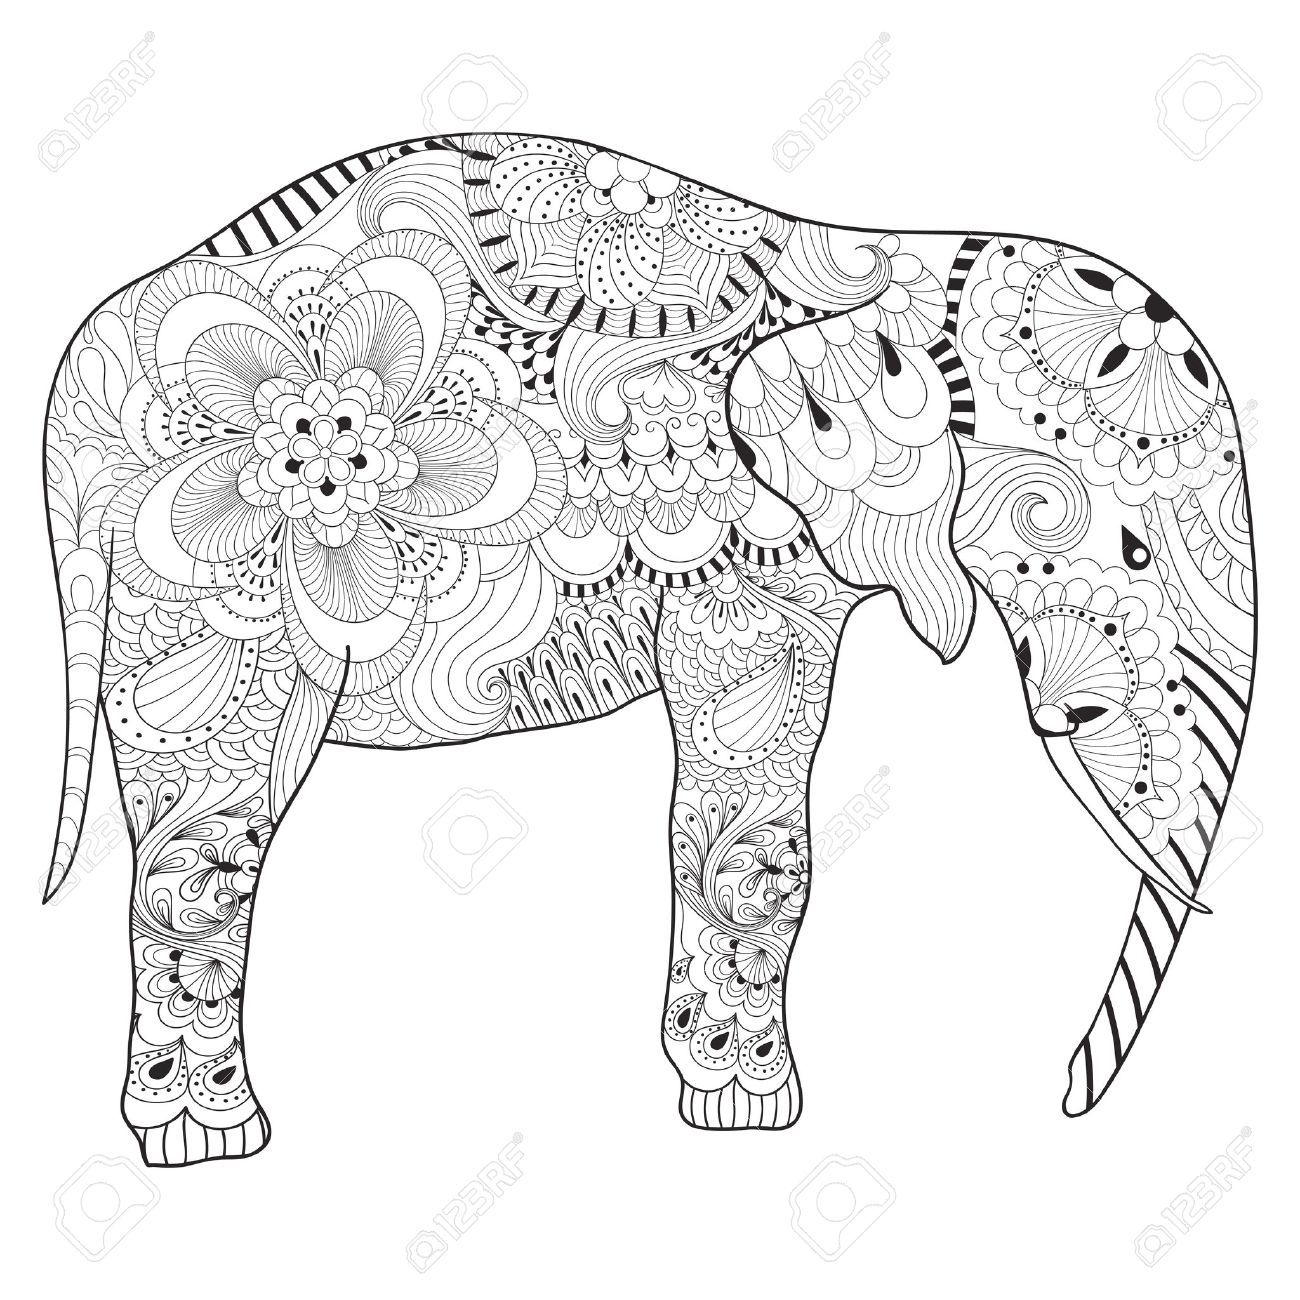 Hand Gezeichnet Elefant Mit Mandala Für Erwachsene Anti Stress